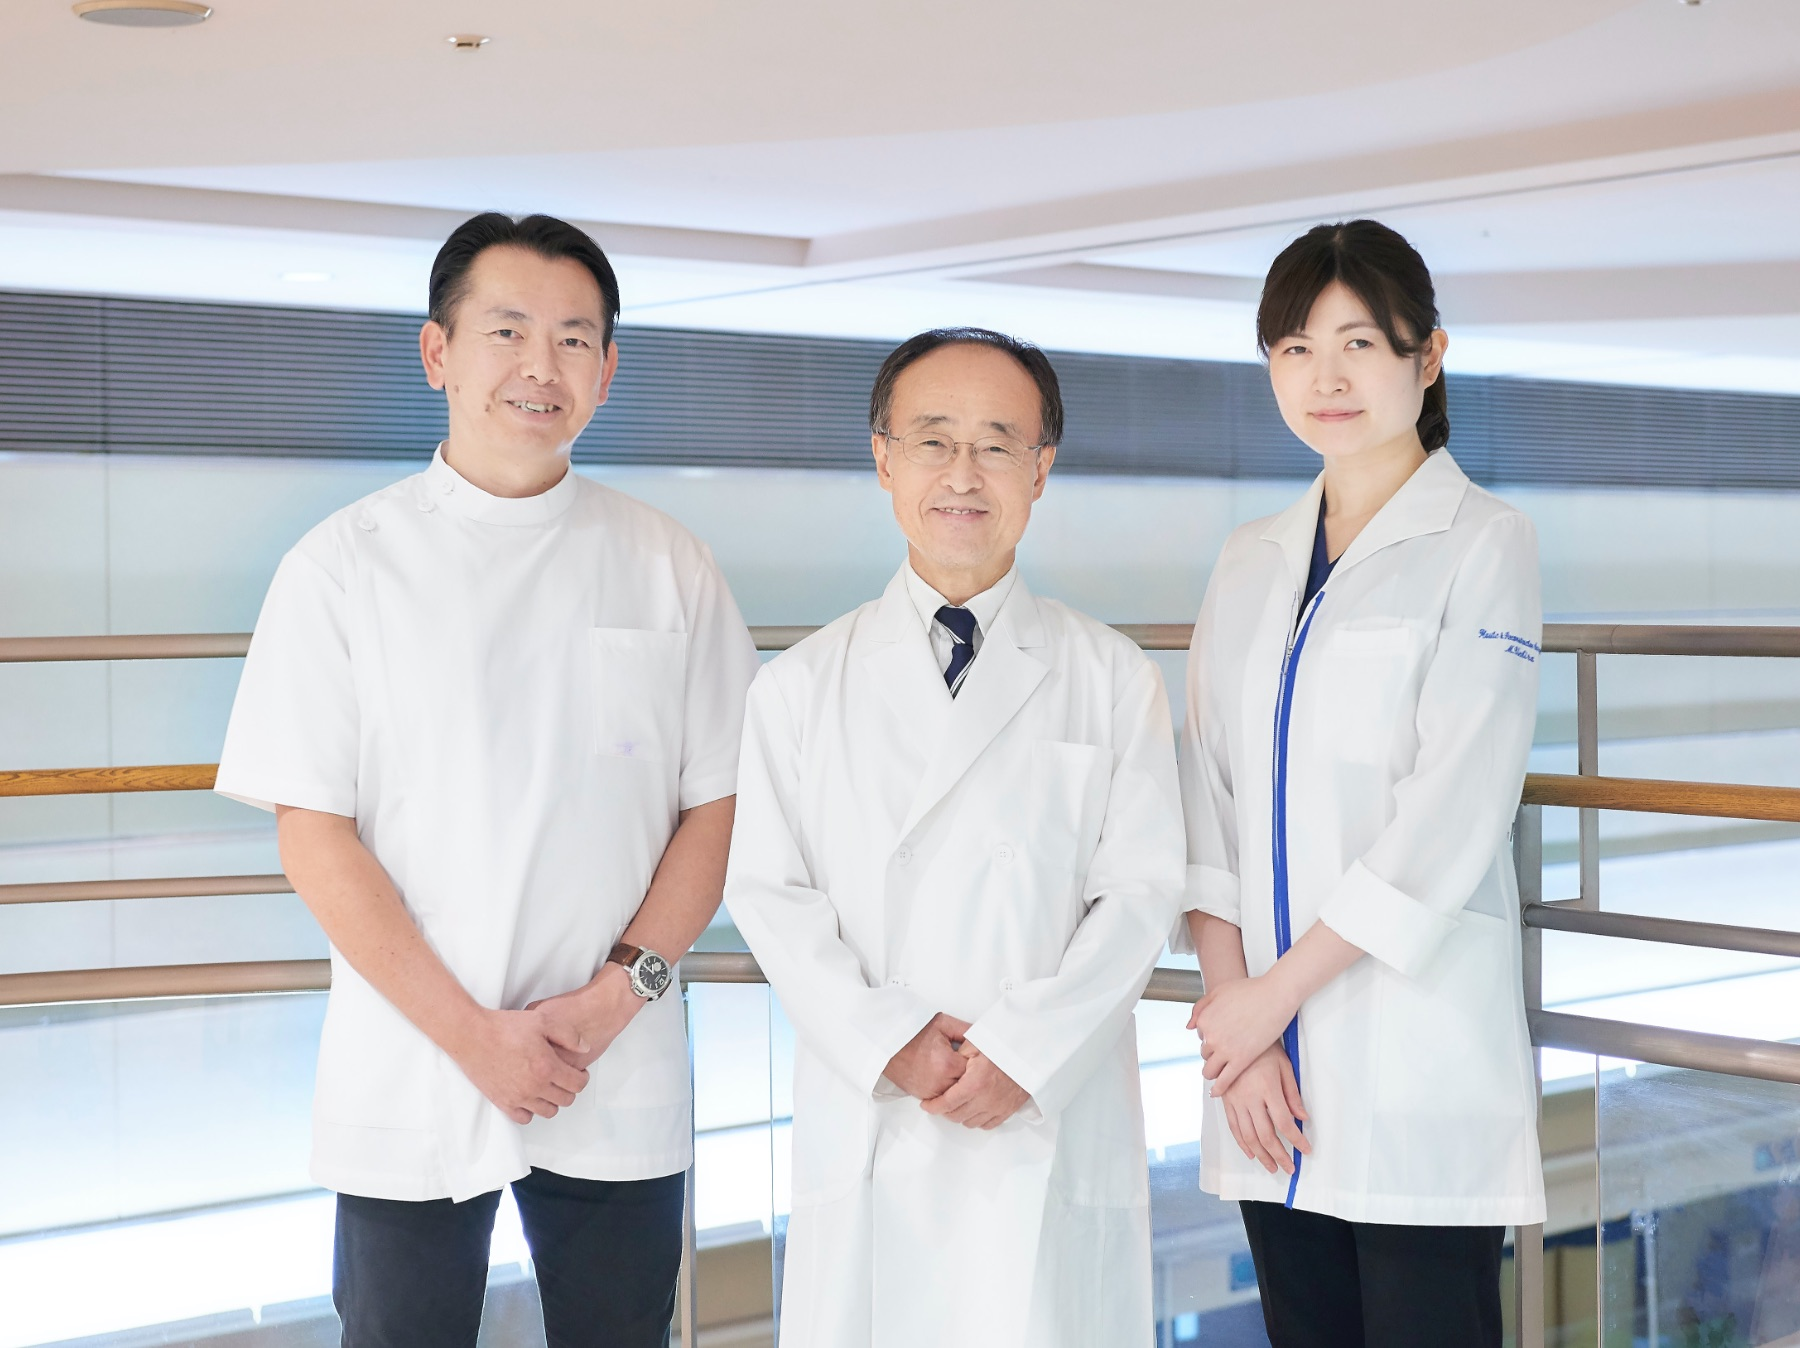 病院 市川 歯科 東京 大学